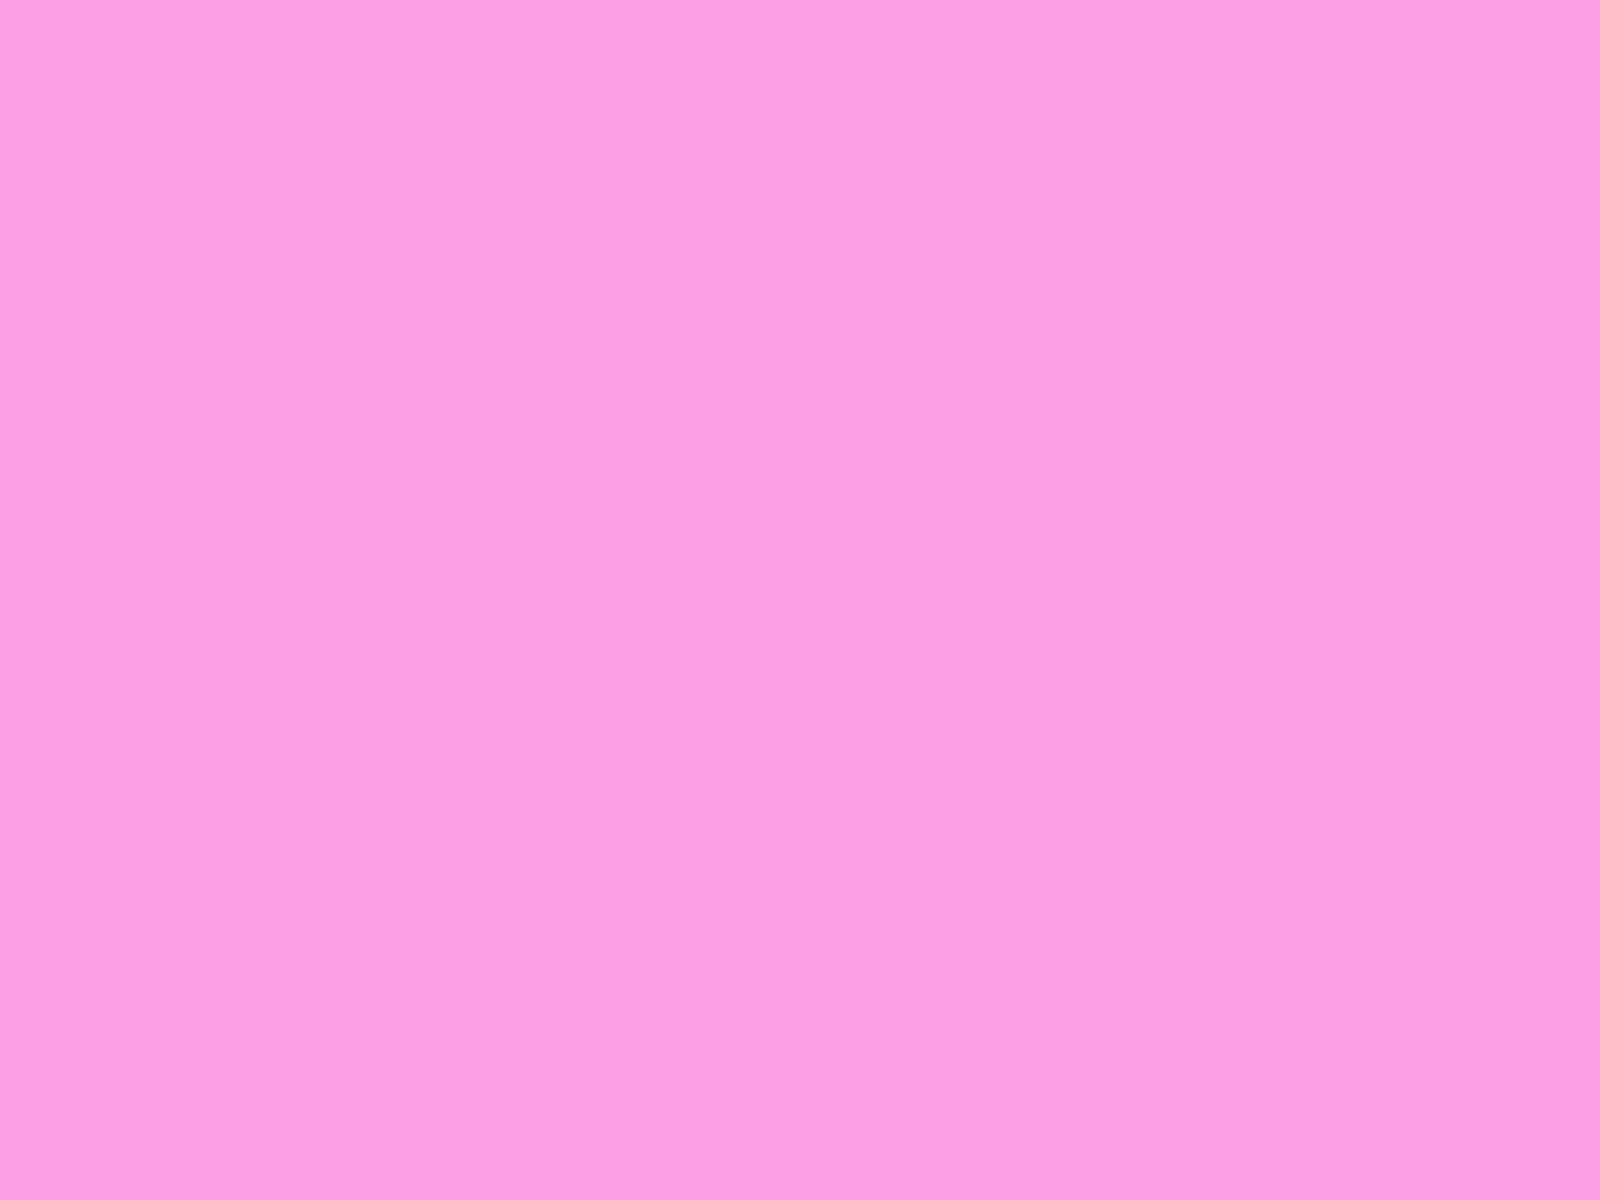 1600x1200 Lavender Rose Solid Color Background